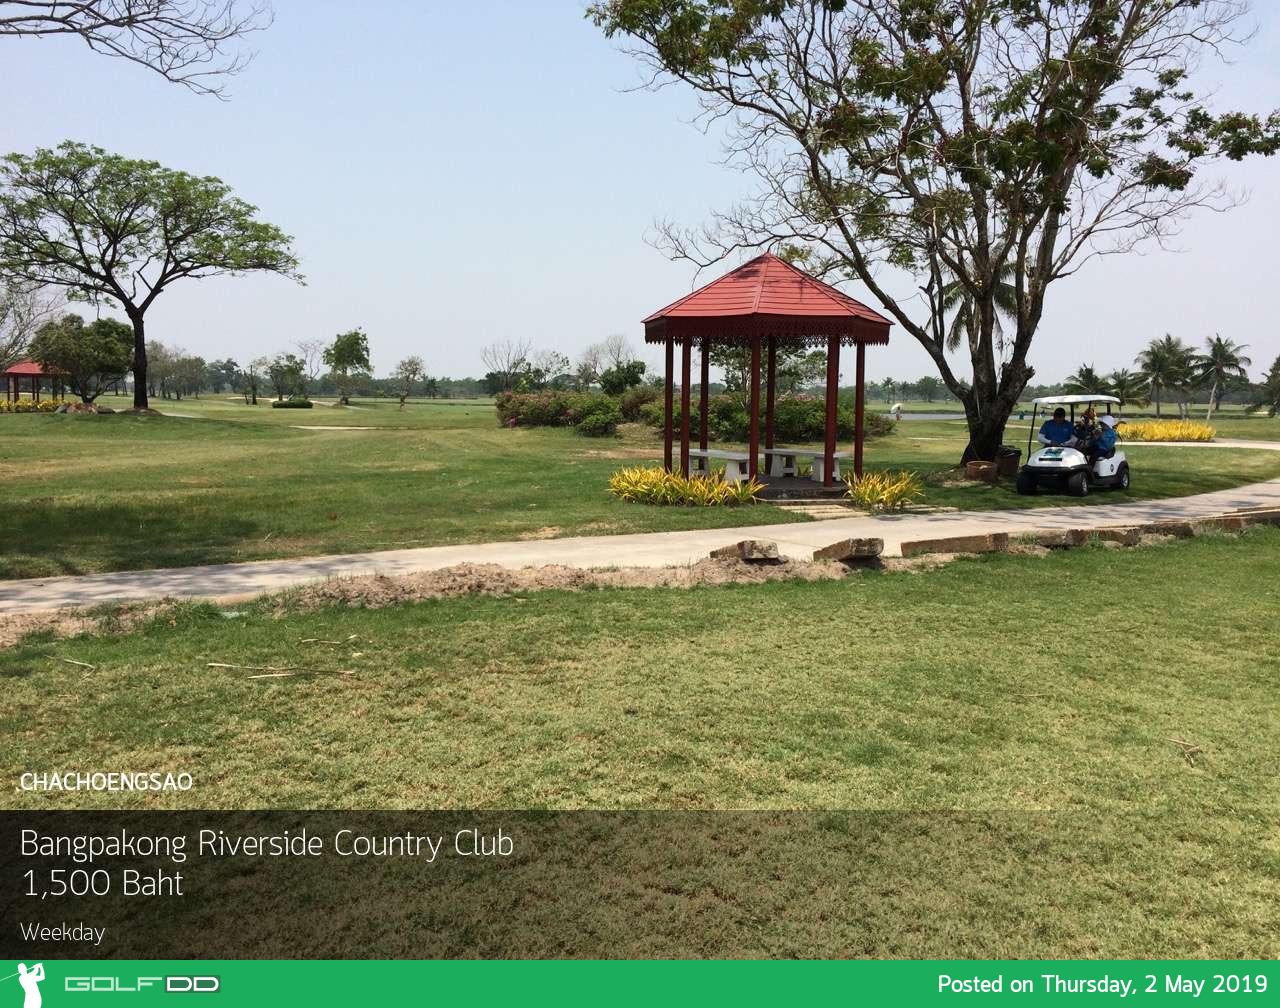 ออกรอบรับลมริมฝั่งบางปะกงที่ Bangpakong Riverside Country Club